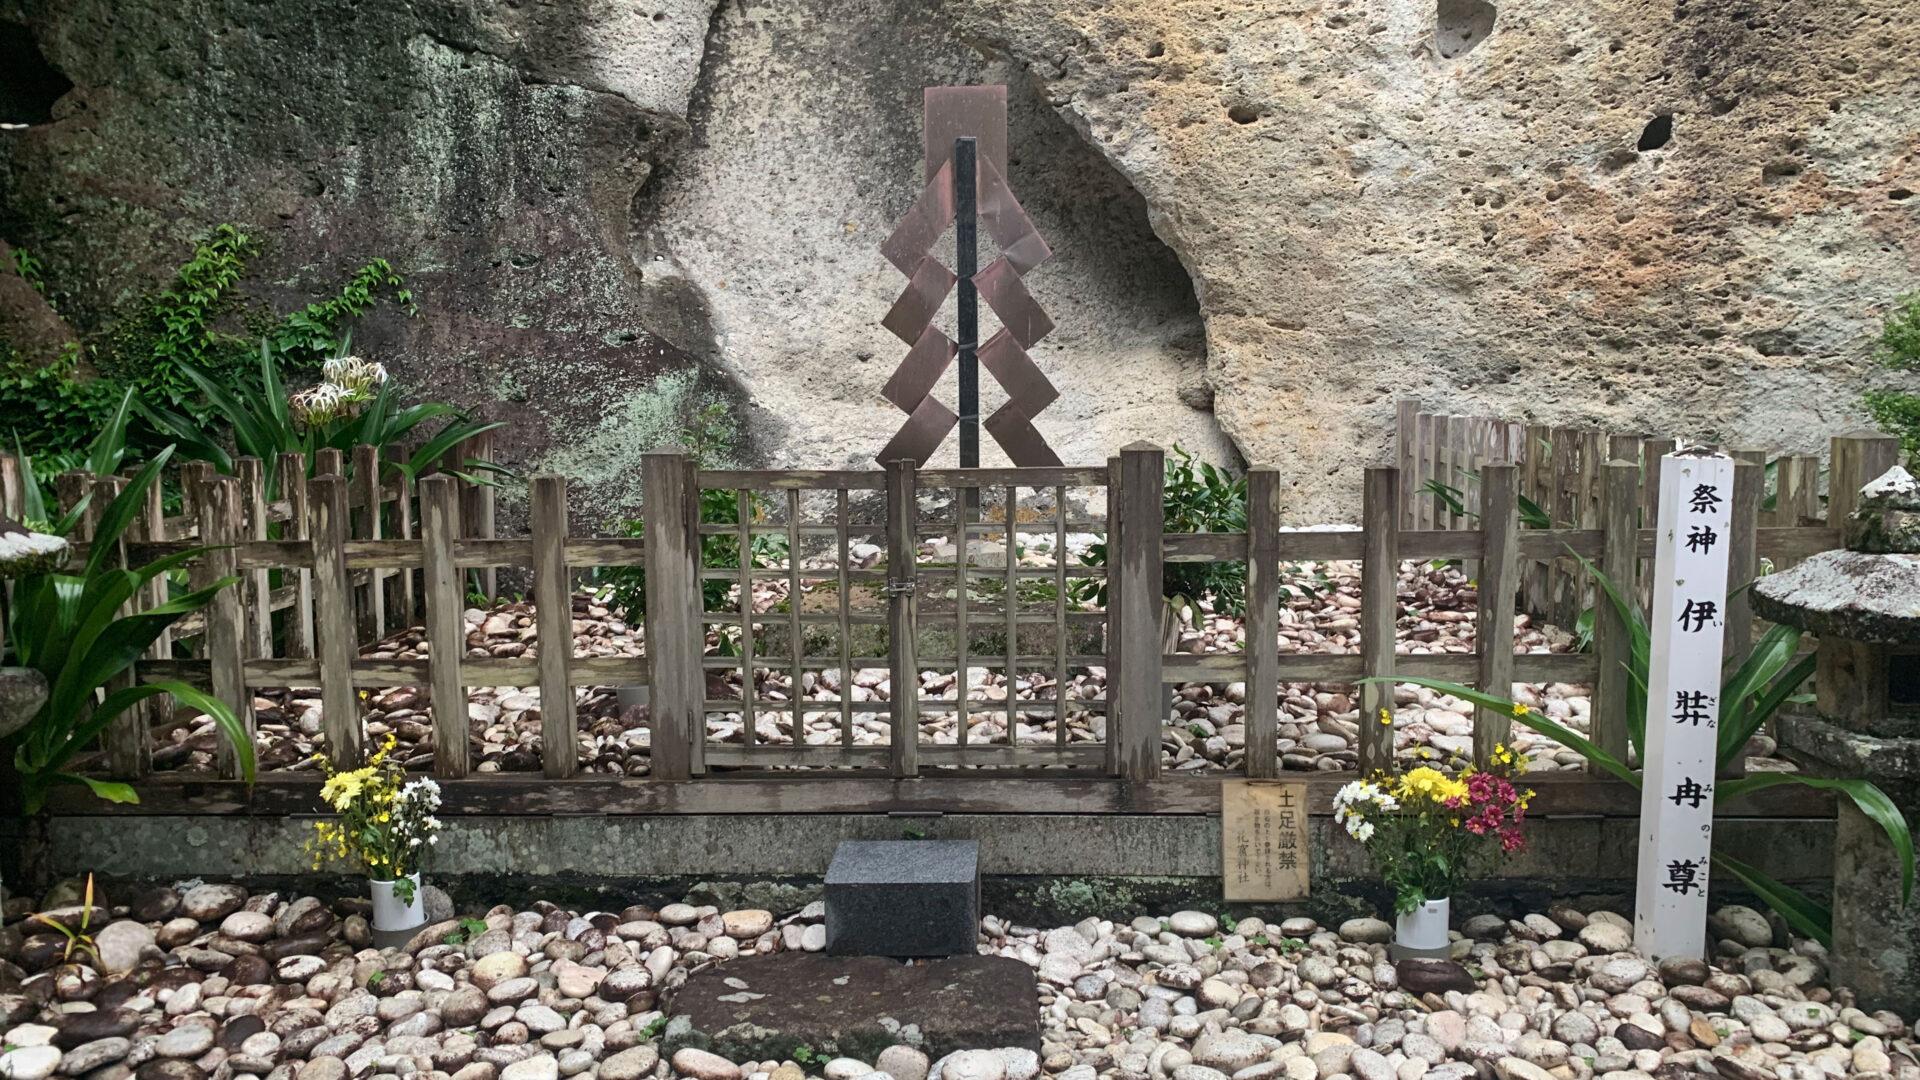 三重・和歌山・奈良3県をまたぐ日本の神話にまつわる偶然の数々